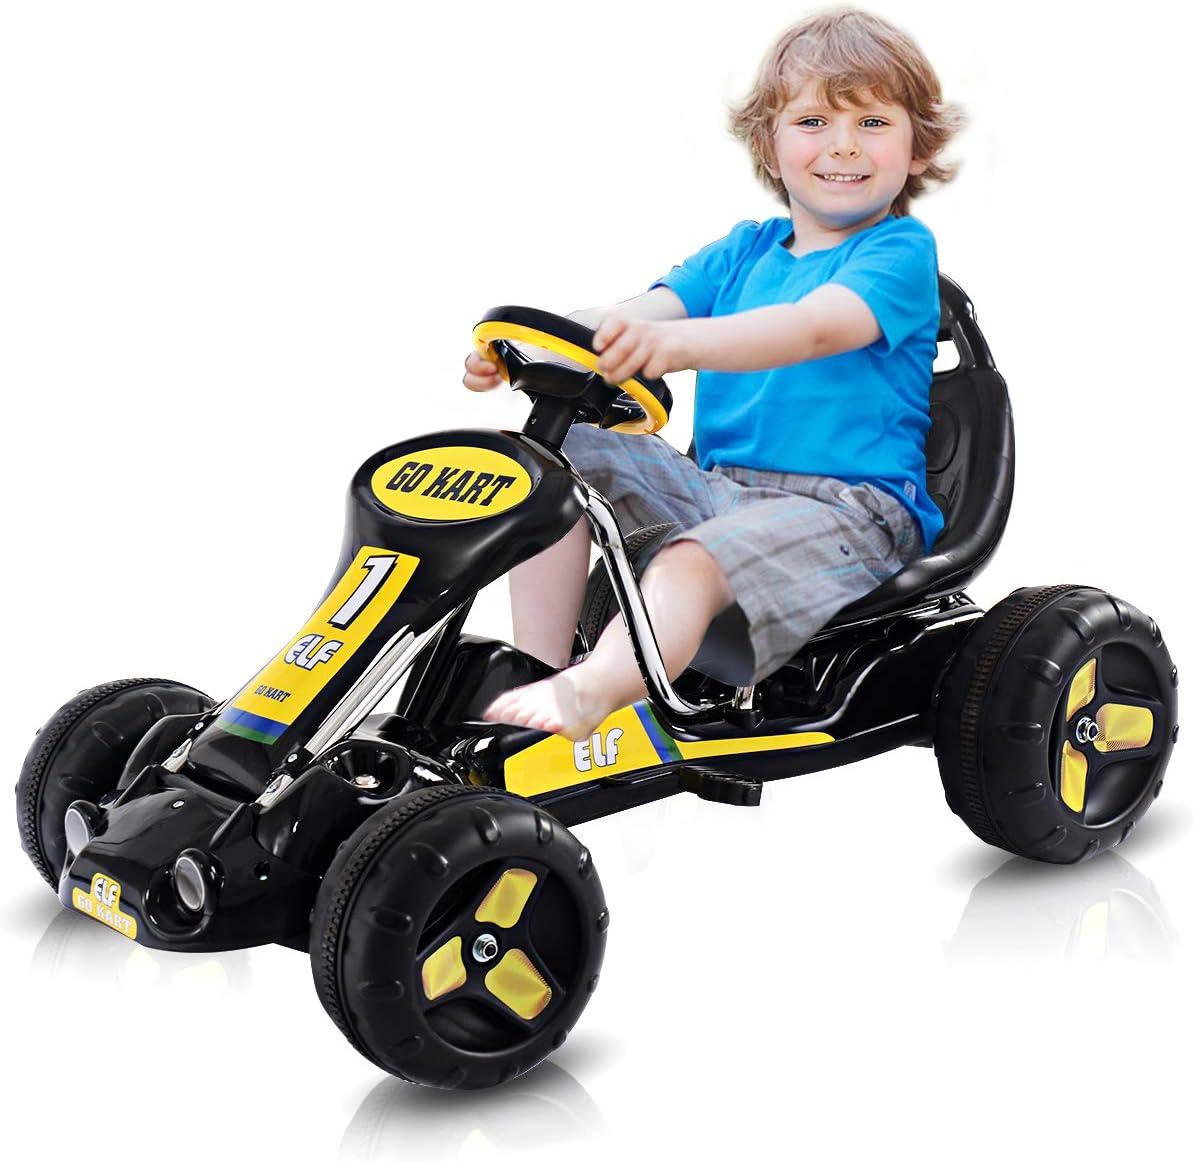 Honey Freude gehen Kart, Kids Ride auf Auto mit Adjustable Bucket Seat, 4 Tires mit Anti-Slip Strips, Pedal Kart für Boys & Girls 3-8 Years alt (Black)